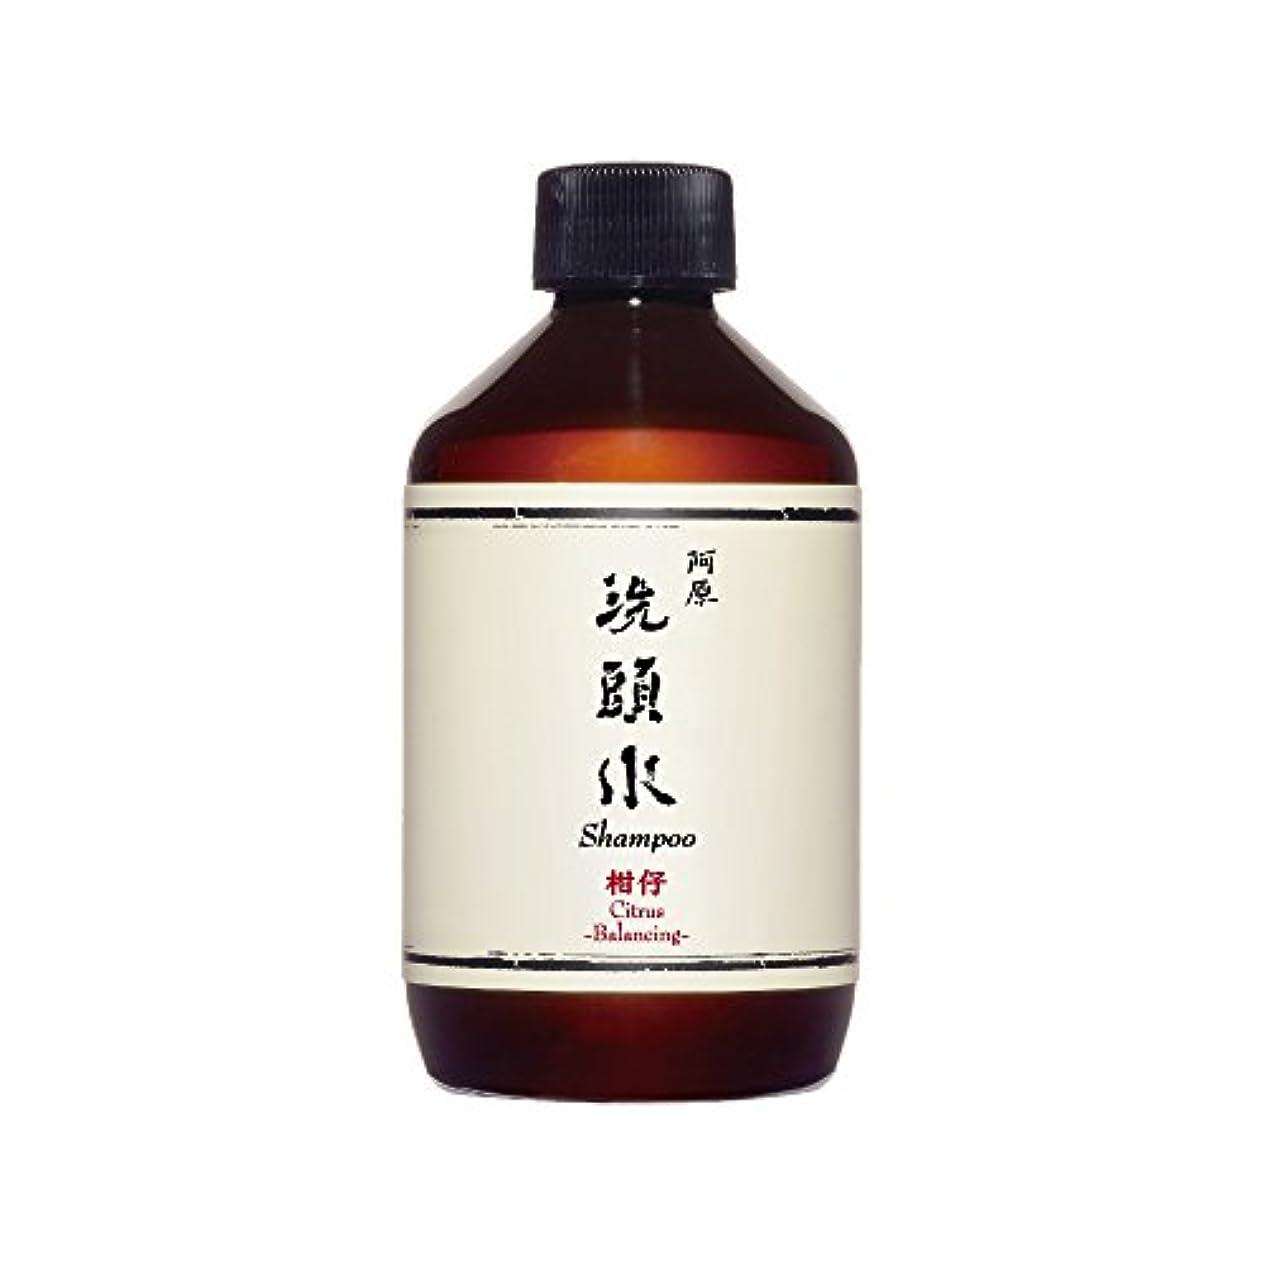 キャスト再び新聞YUAN(ユアン) 柑仔(ミカン)スカルプシャンプー 50ml